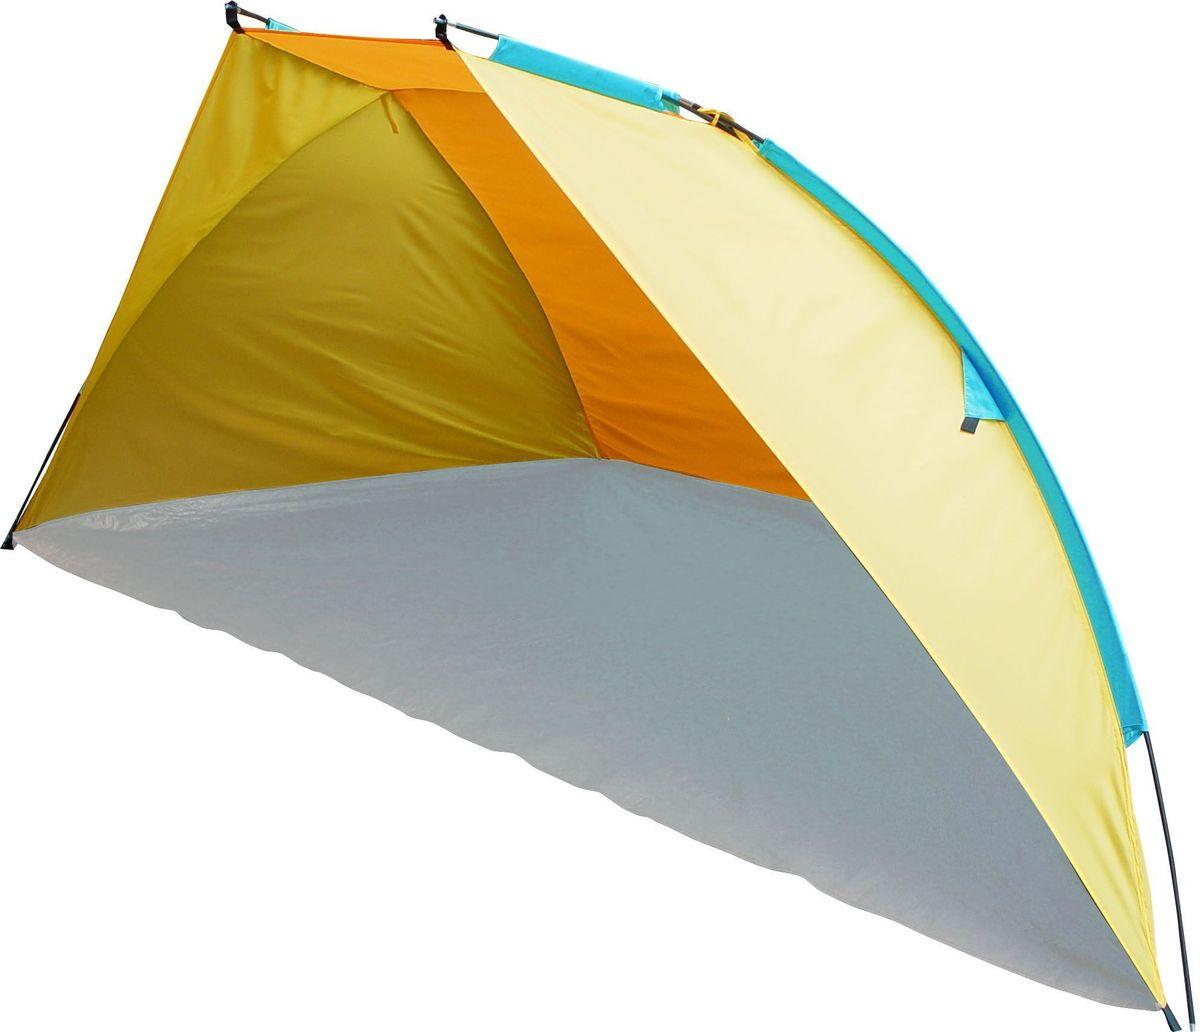 Тент пляжный GoGarden Tenerife Beach, цвет: желтый, оранжевый, 270 х 120 х 120 см50224Пляжный тент GoGarden Tenerife Beach обеспечивает защиту от солнца, ветра и даже легких осадков - особенно полезен для очень маленьких детей. Очень прост в установке, имеет малый вес и удобный чехол с ручкой для переноски.Особенности модели:Простая и быстрая установка,Тент палатки из полиэстера, с пропиткой PU водостойкостью 500 ммКаркас выполнен из прочного стекловолокна,Дно изготовлено из прочного армированного полиэтилена, Утяжеляющий карман для песка для устойчивости тента,Растяжки и колышки в комплекте. Характеристики:Размер шатра: 270 см х 120 см х 120 см.Материал шатра: 100% полиэстер, пропитка PU.Водостойкость тента: 500 мм.Материал дуг: стеклопластик 7,9 мм.Размер в сложенном виде: 10 см х 68 см.